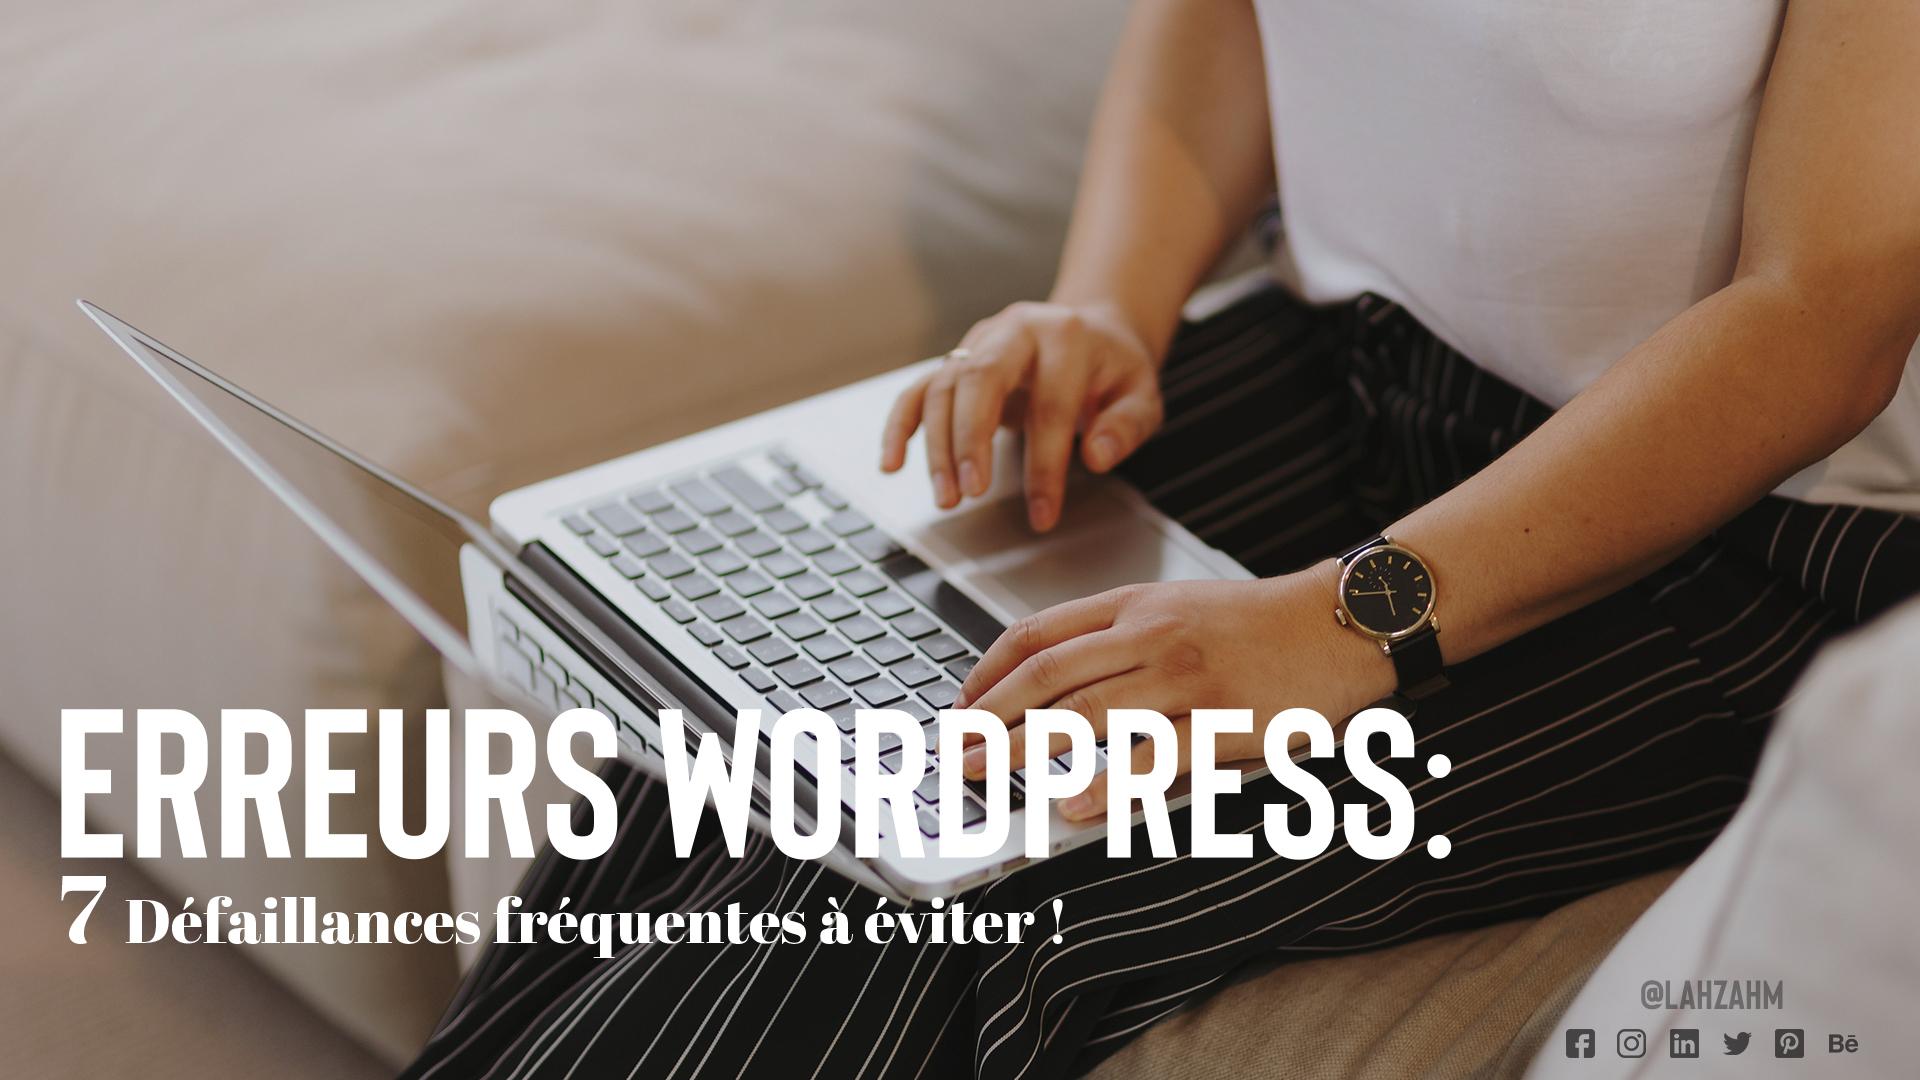 Erreurs WordPress : 7 Défaillances fréquentes à éviter !